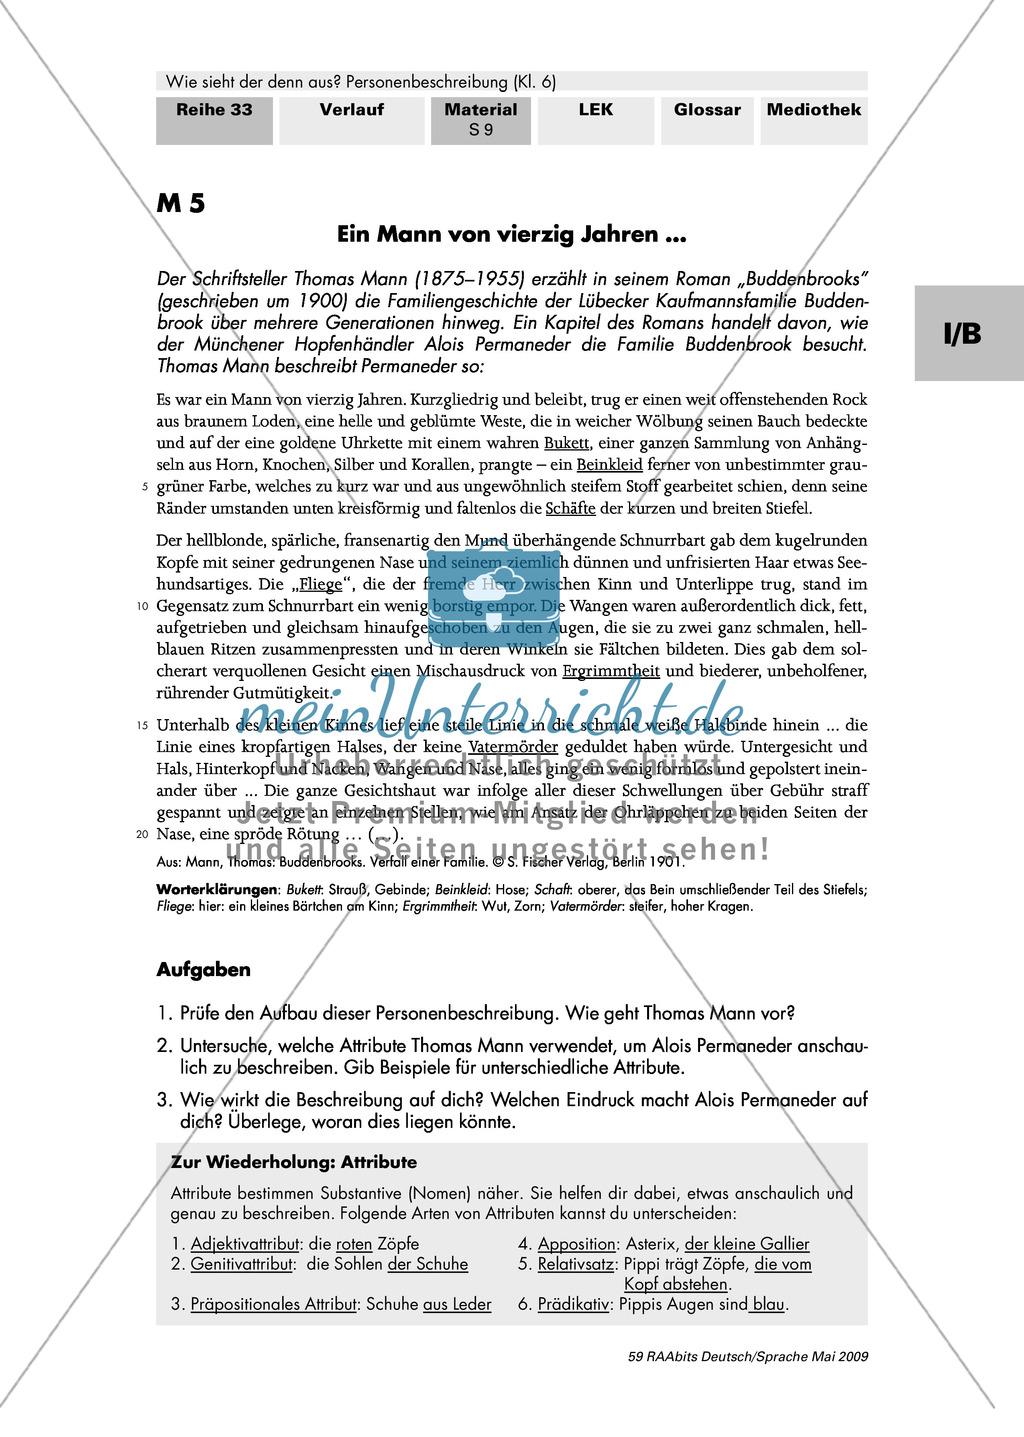 """Attribute als sprachliche Gestaltungsmittel einer Personenbeschreibung: Auszug aus den """"Buddenbrooks"""" Preview 1"""